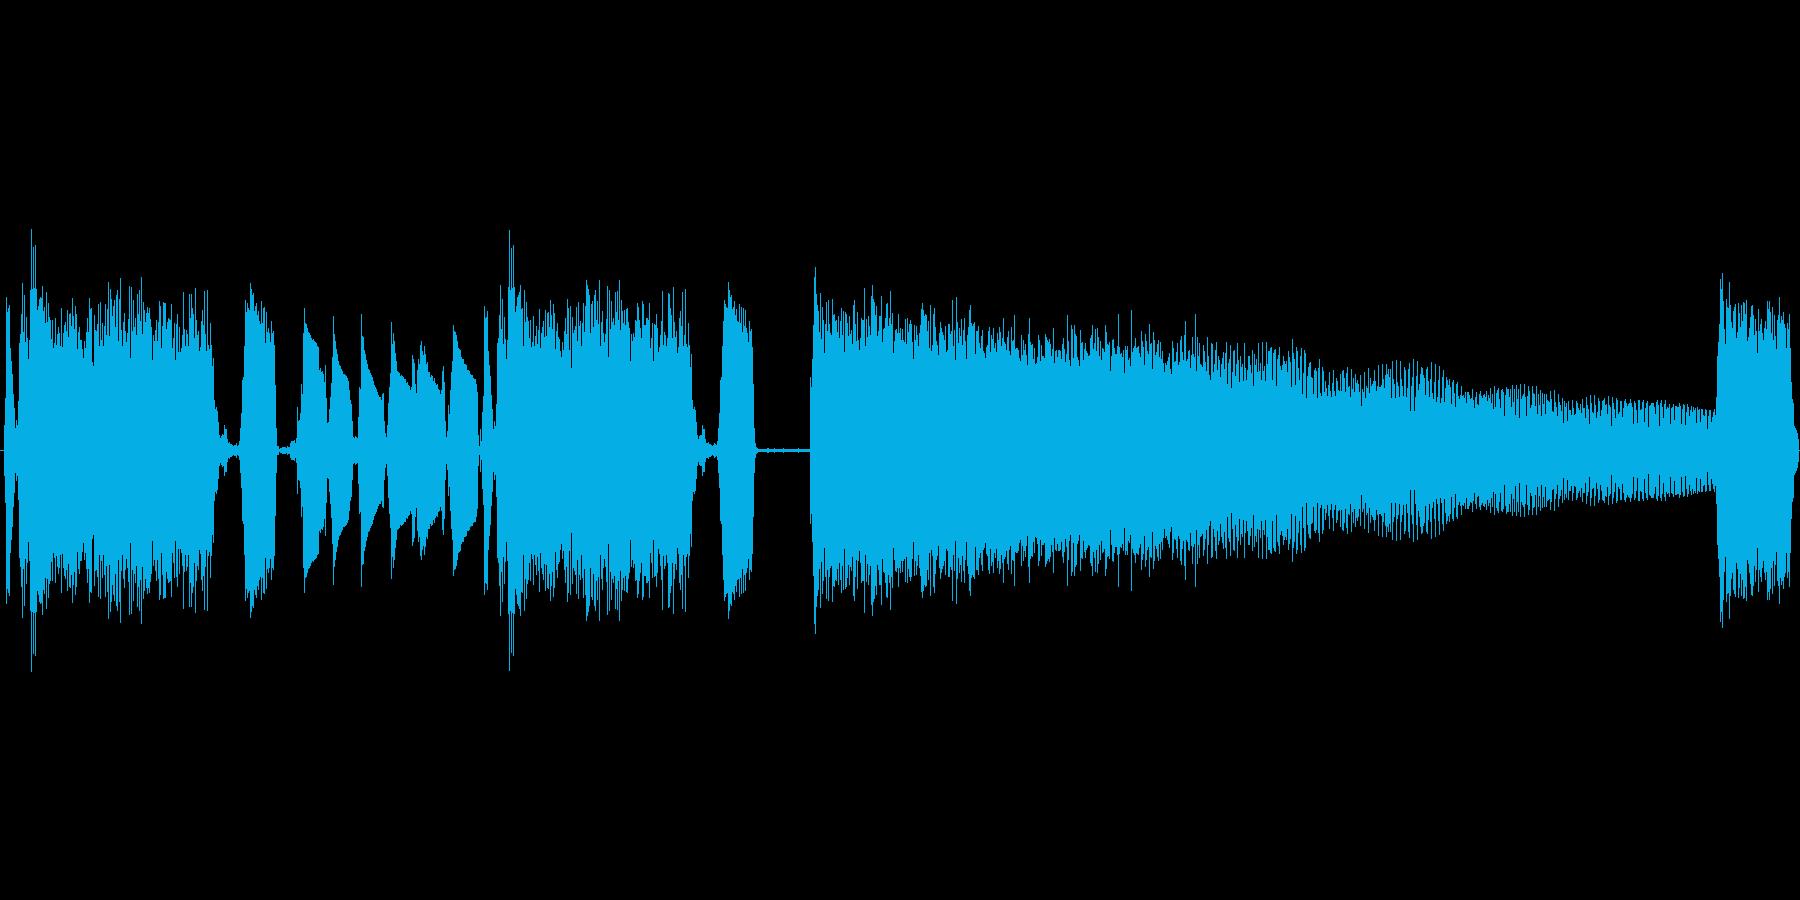 エレキギターのロックジングルの再生済みの波形